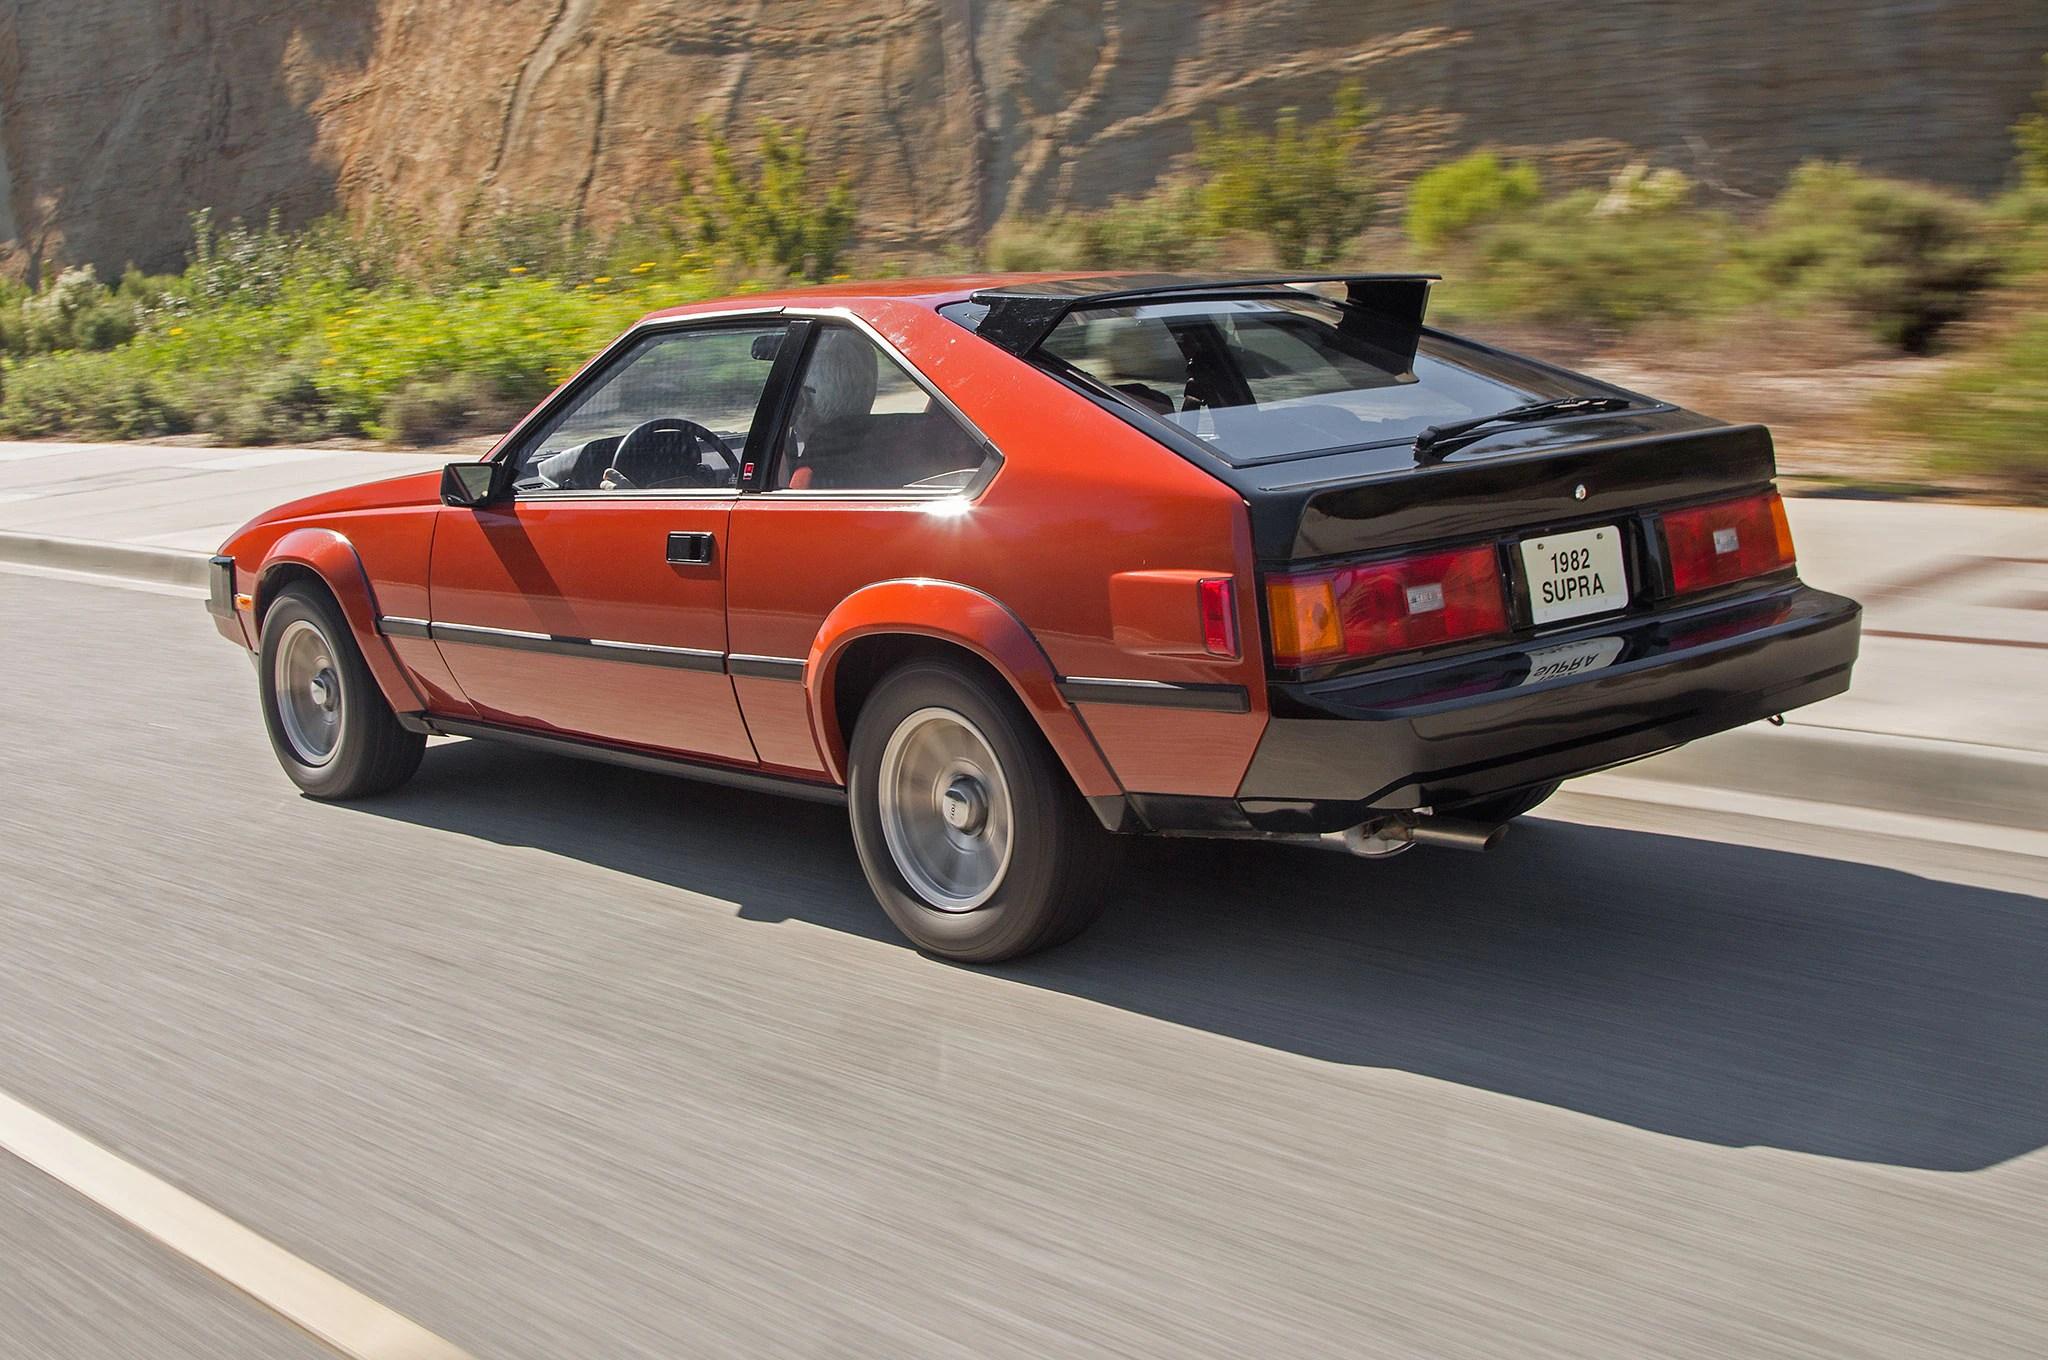 Collectible Classic 19821986 Toyota Celica Supra